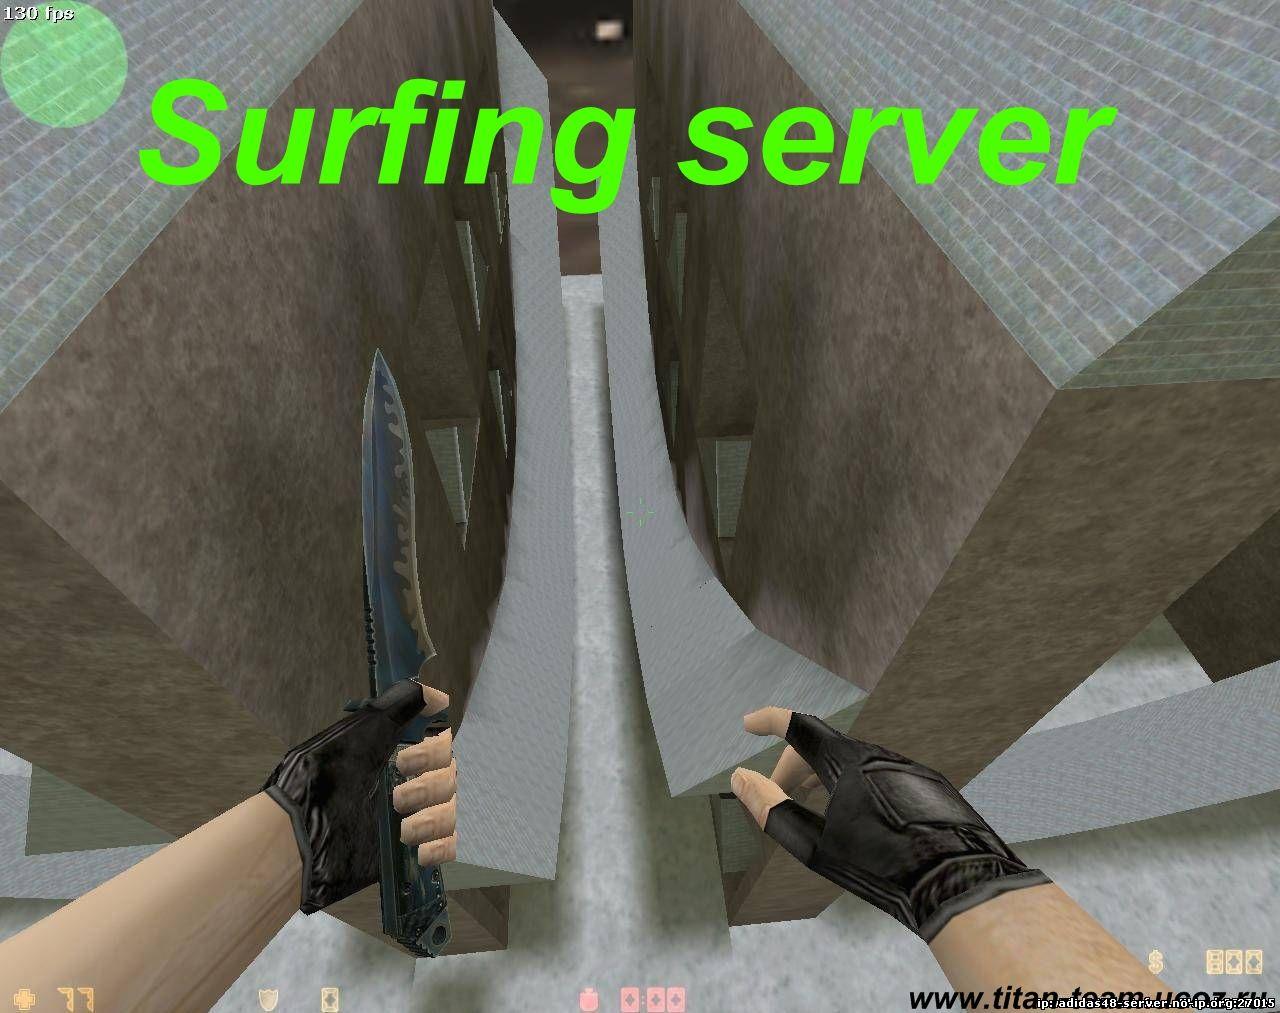 Как сделать сёрф сервер в ксс